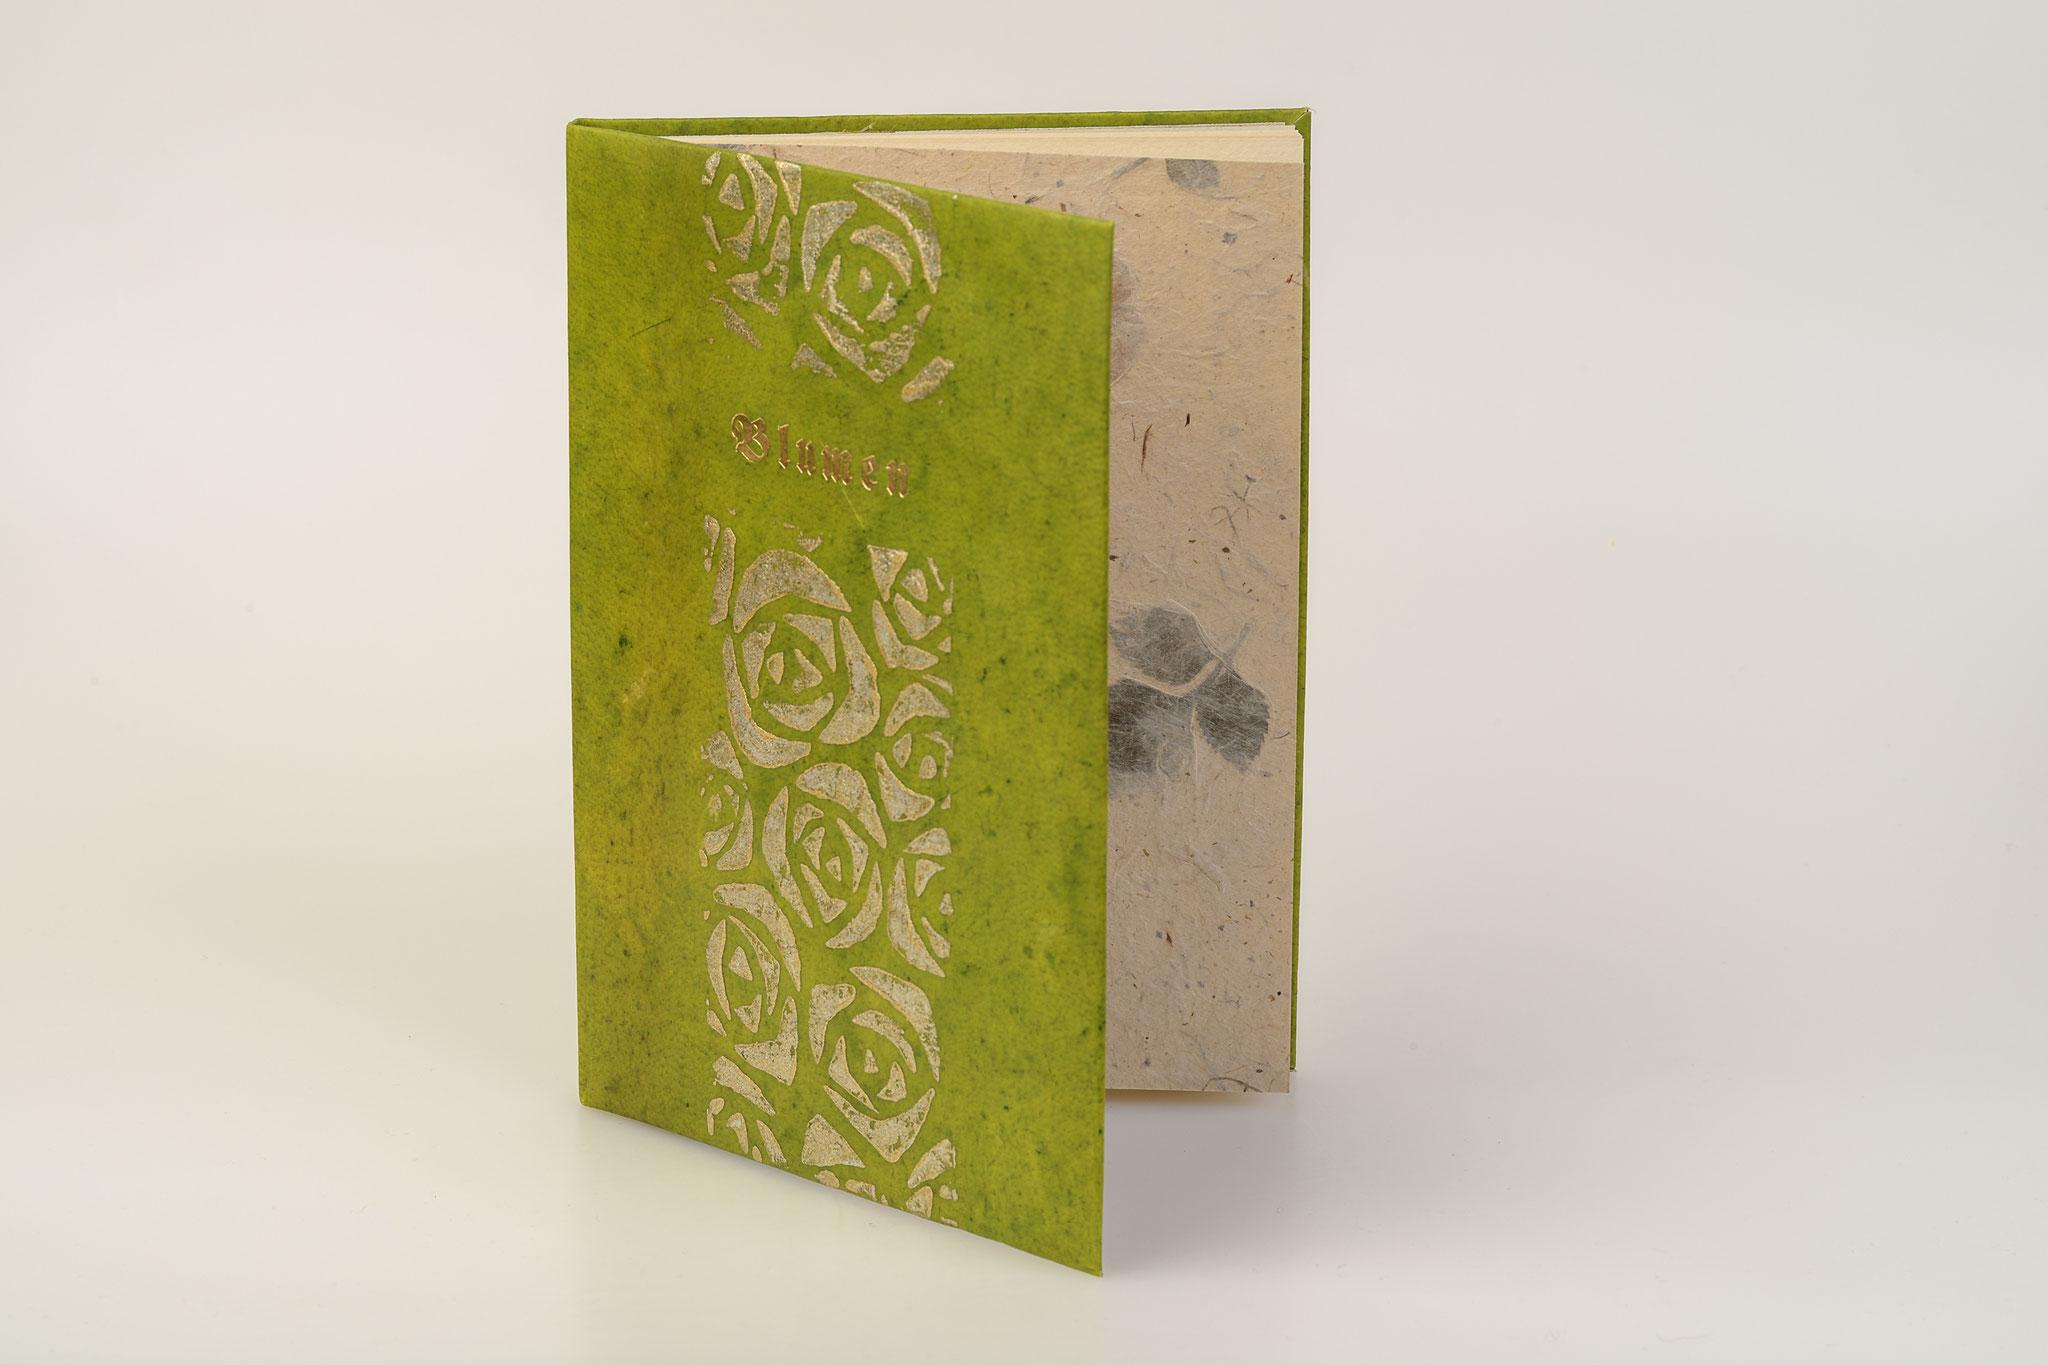 Blumen, Gedichte, illustriert von J.L. Gampp, flexibler Pergamentband, bedruckt, Goldtitel, verkauft